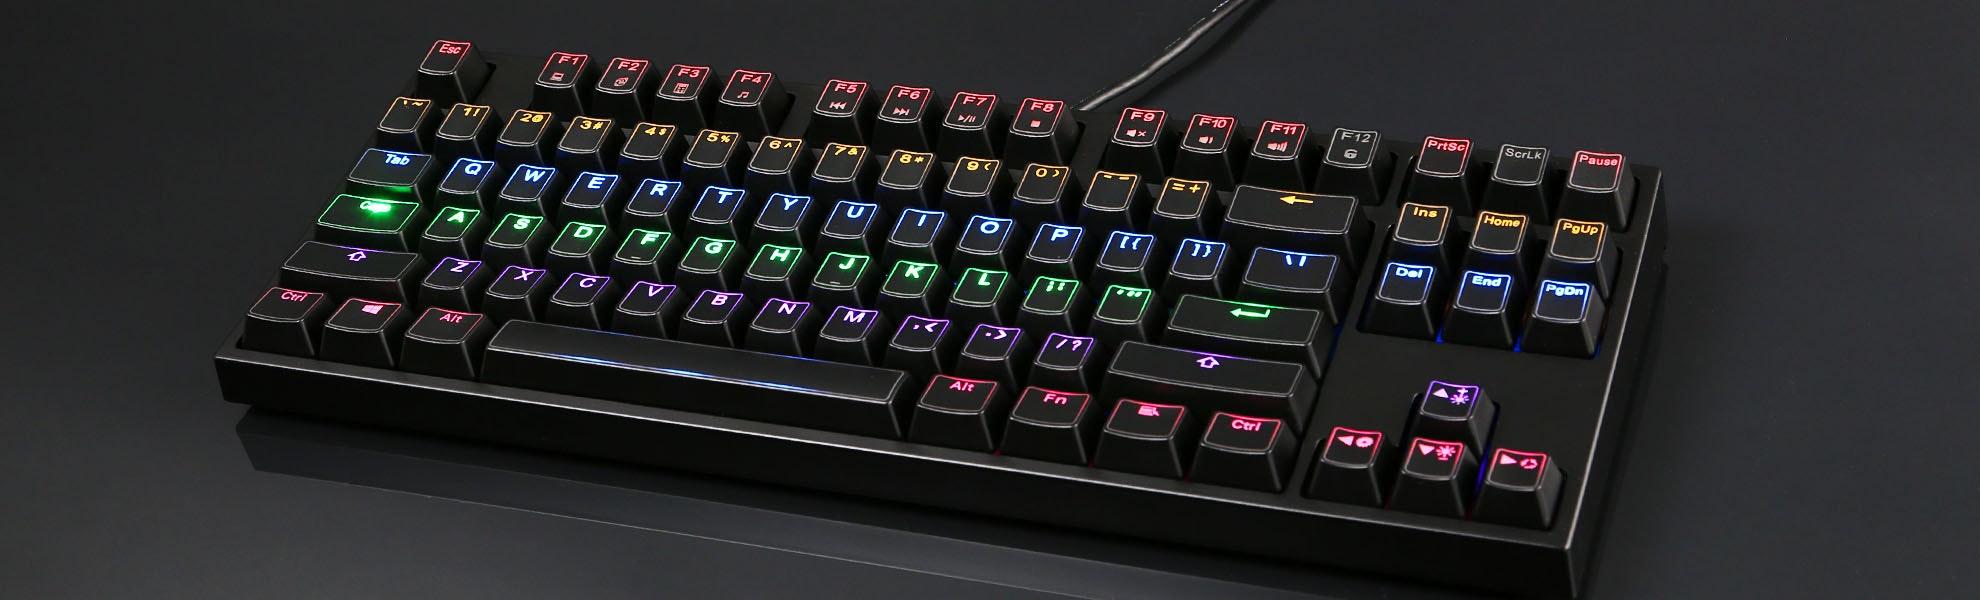 Keycool 87-Key Keyboard